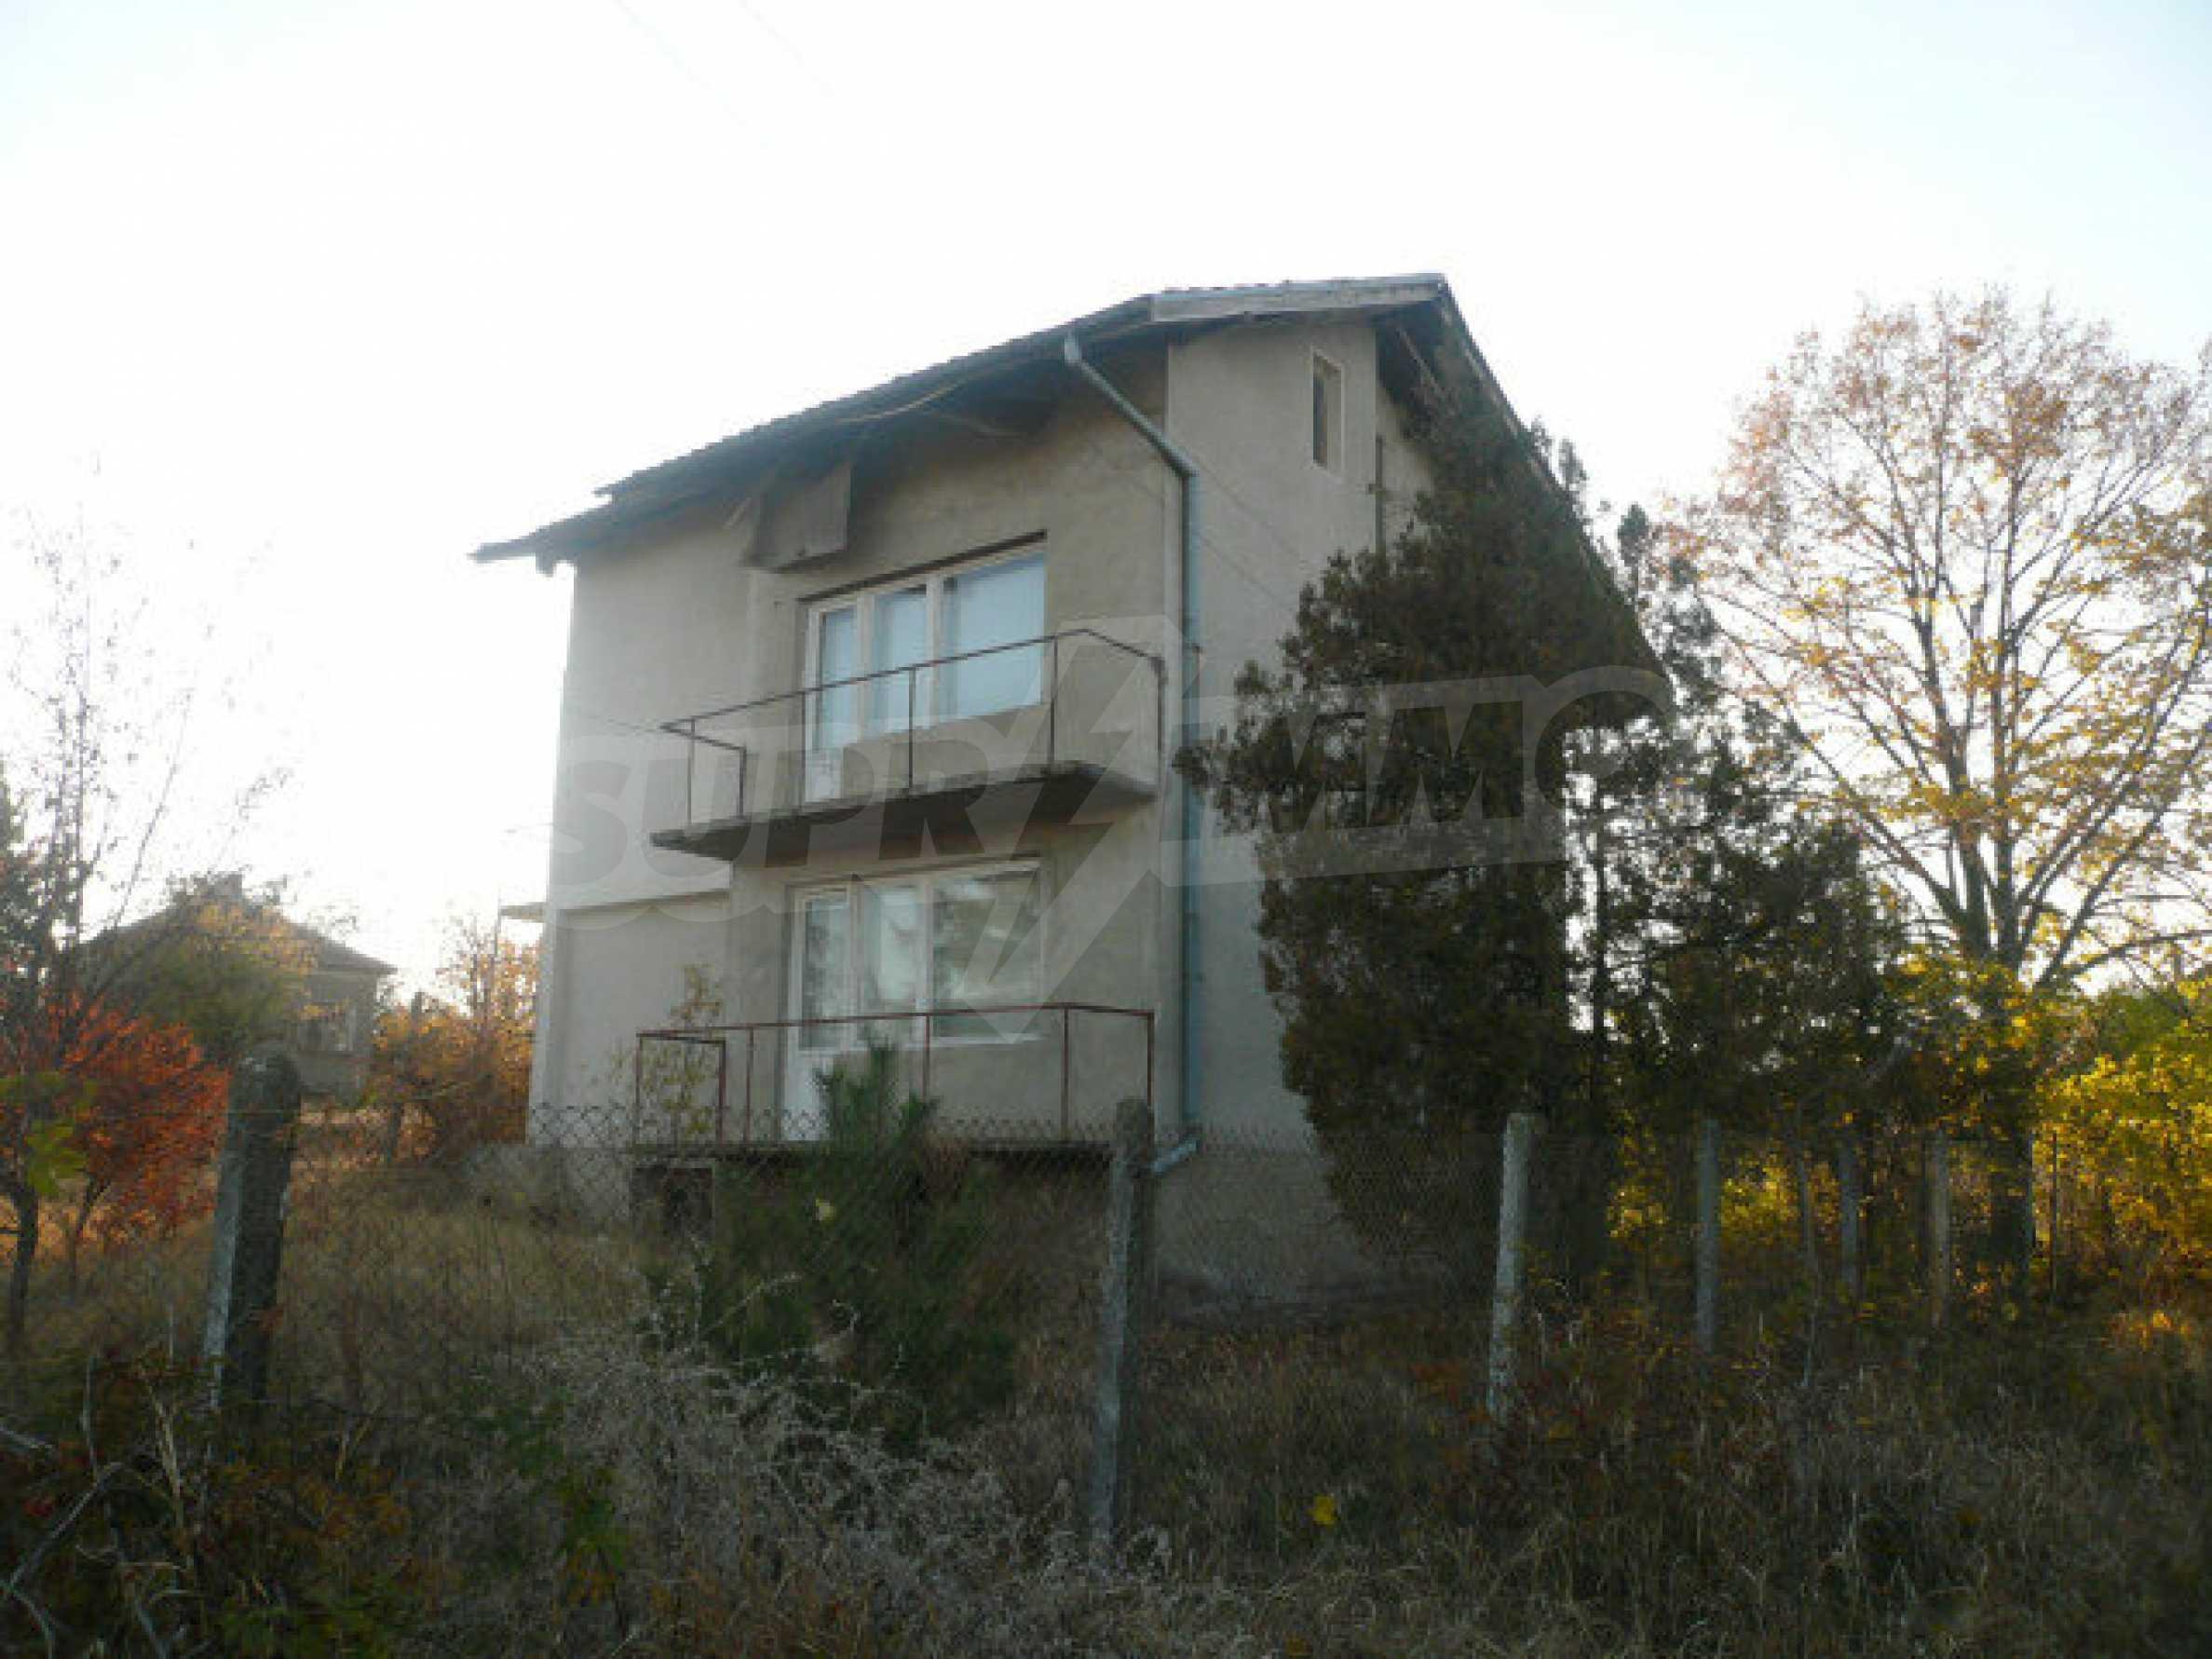 Haus zum Verkauf in der Nähe von Vidin, Bulgarien